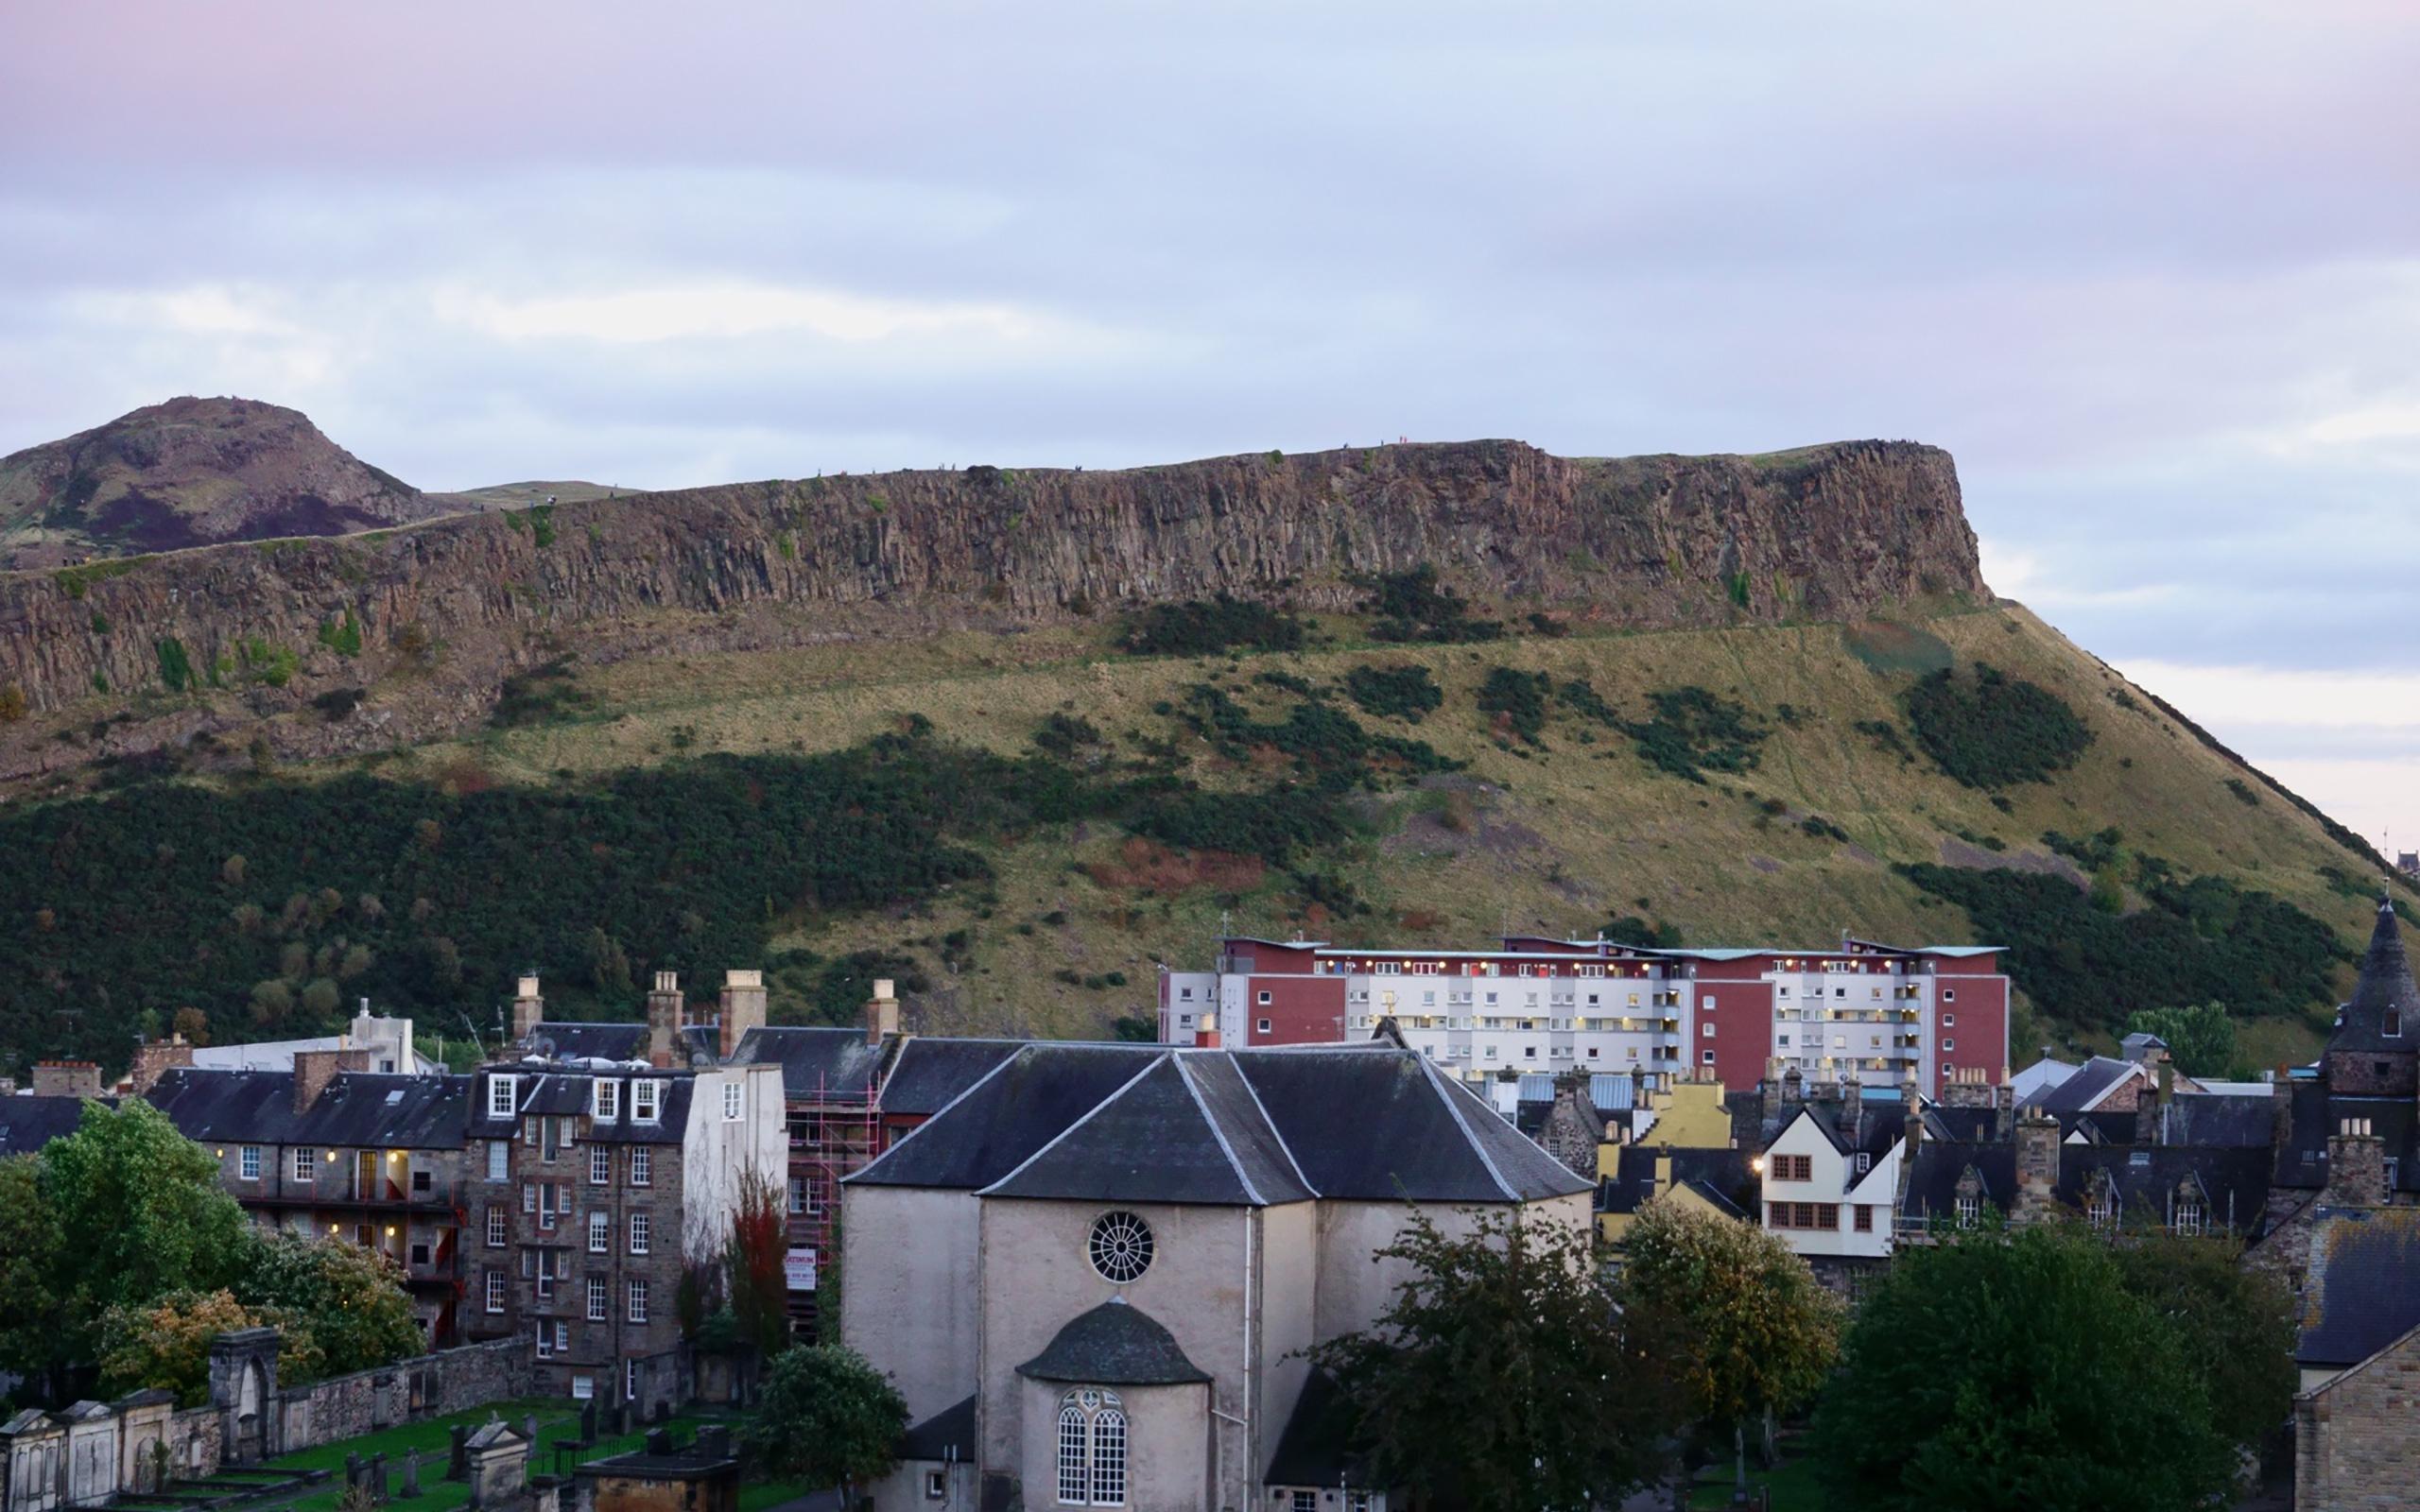 Arthur's Seat in Edinburgh.